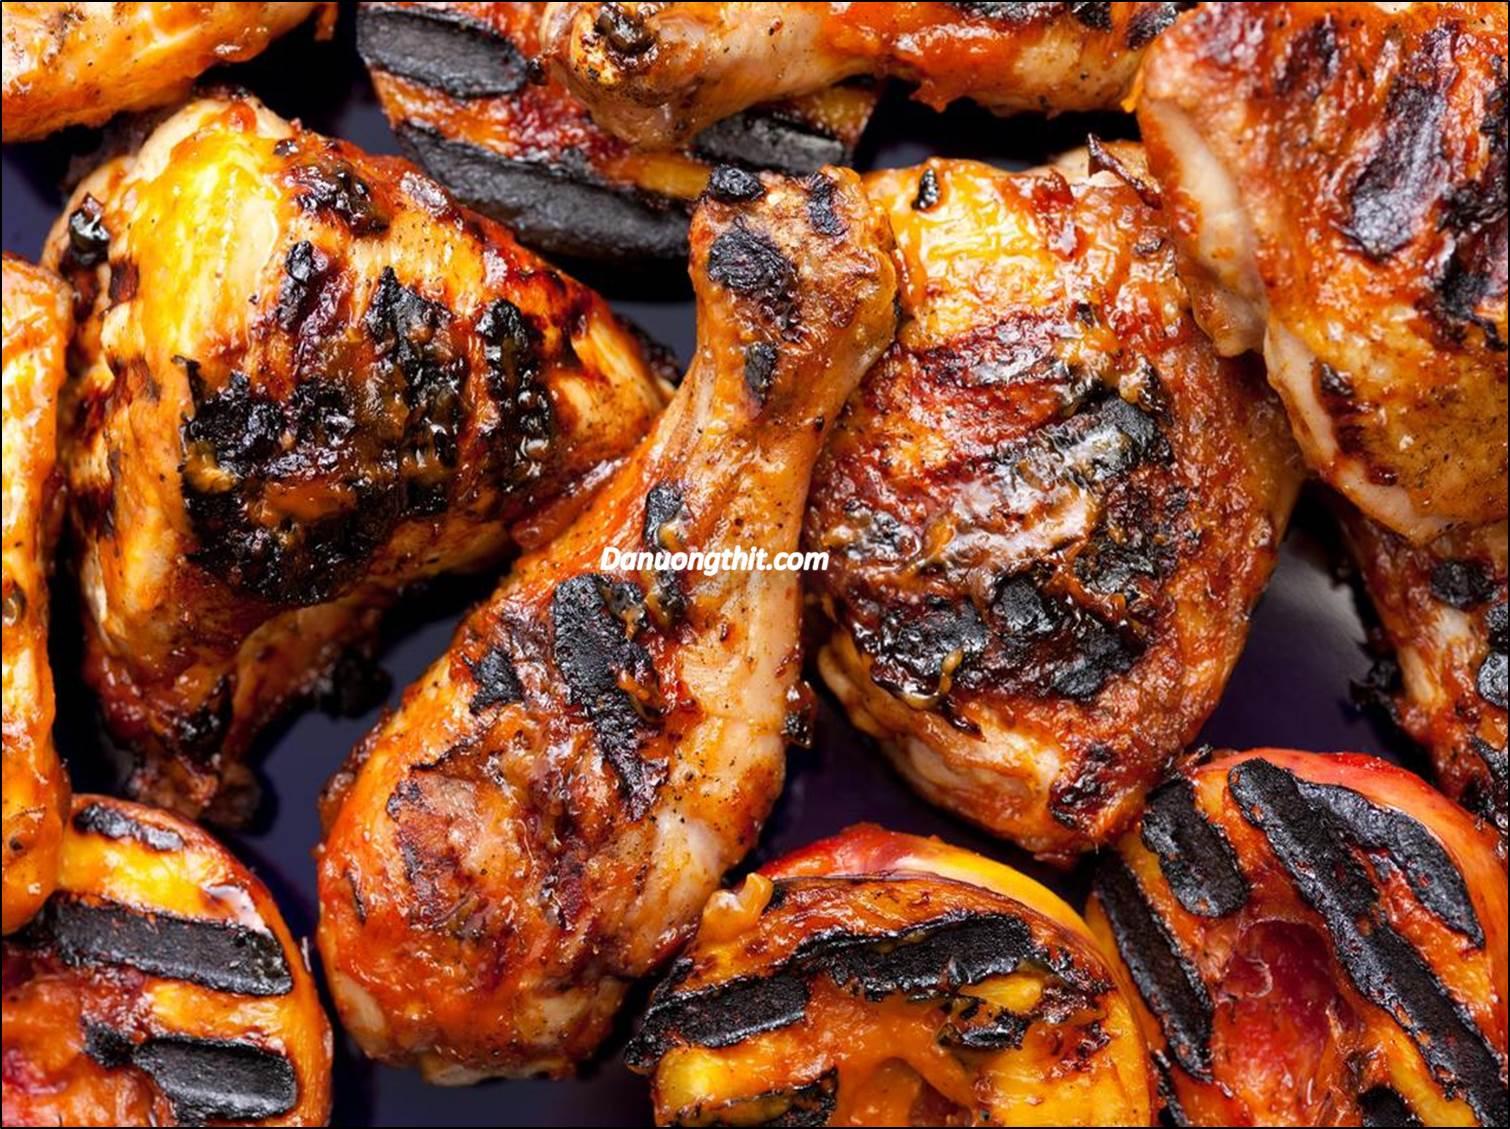 Món nướng trực tiếp trên lửa tuy ngon nhưng mang nhiều nguy cơ bệnh tật.